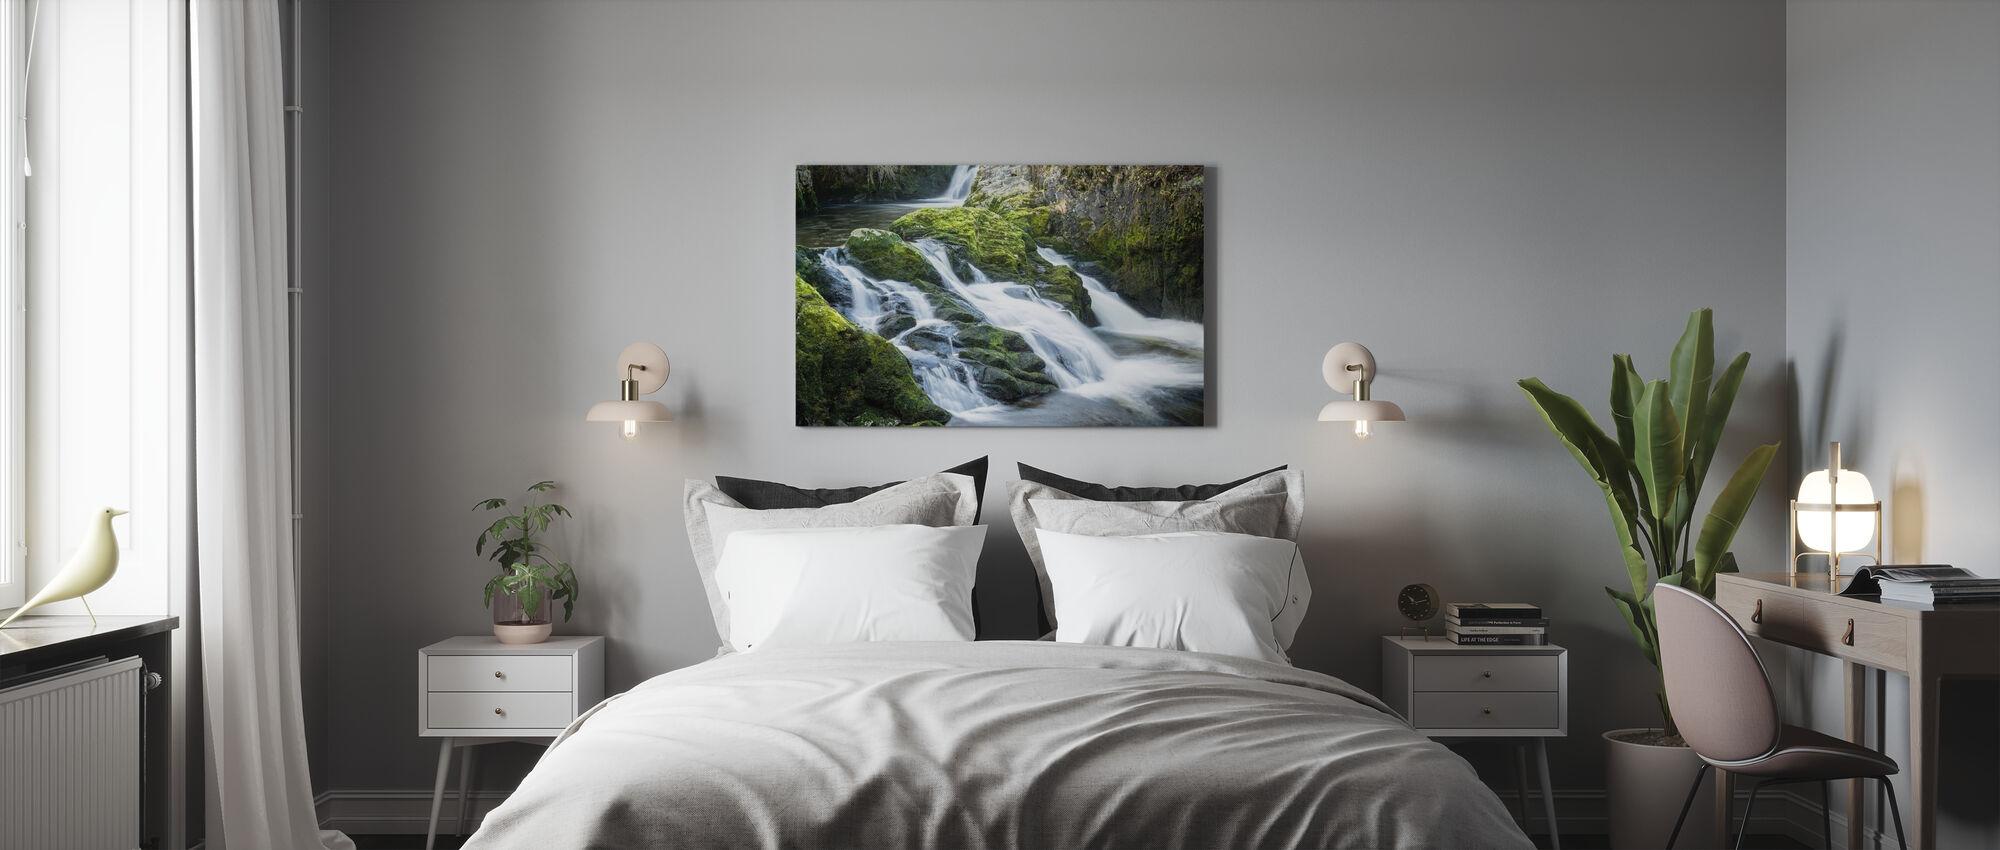 Kaskader av vattenfall - Canvastavla - Sovrum